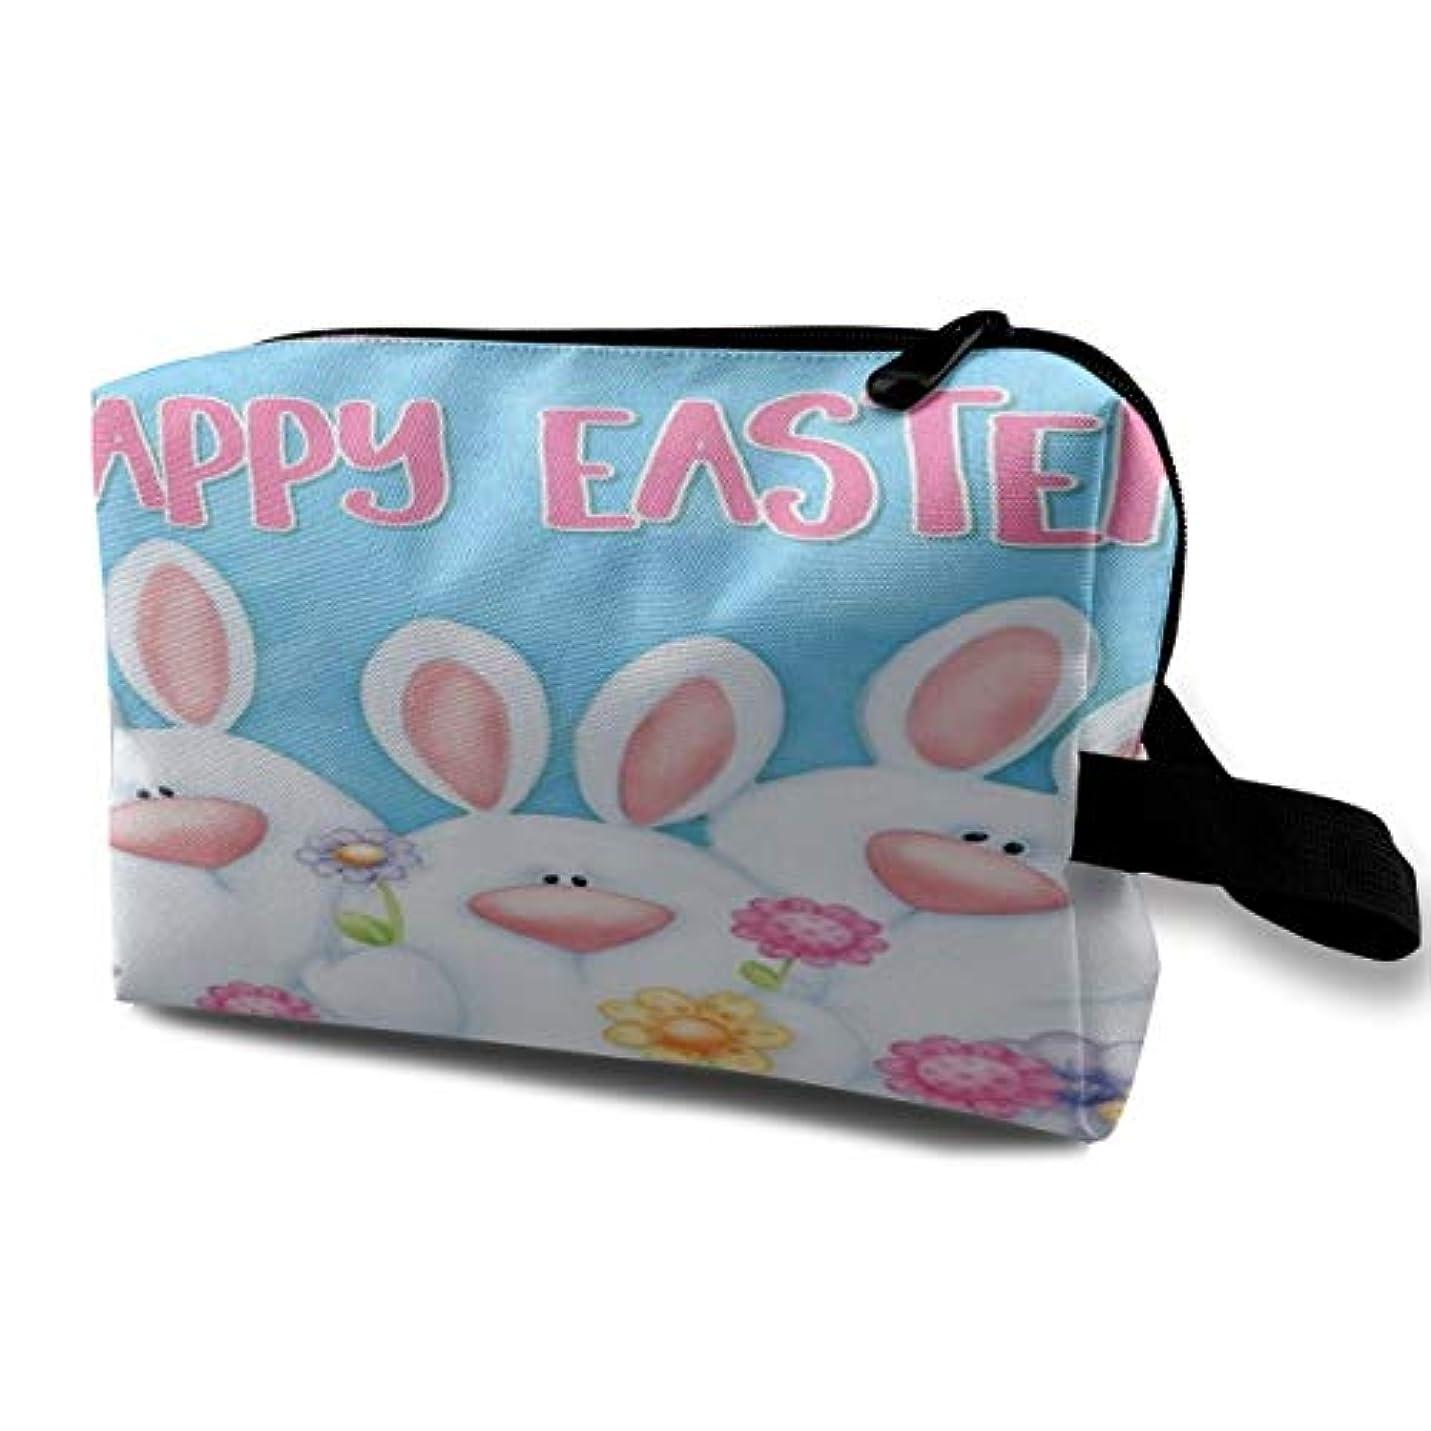 シソーラス偽受け入れたHappy Easter Bunny Holding Flowers 収納ポーチ 化粧ポーチ 大容量 軽量 耐久性 ハンドル付持ち運び便利。入れ 自宅?出張?旅行?アウトドア撮影などに対応。メンズ レディース トラベルグッズ